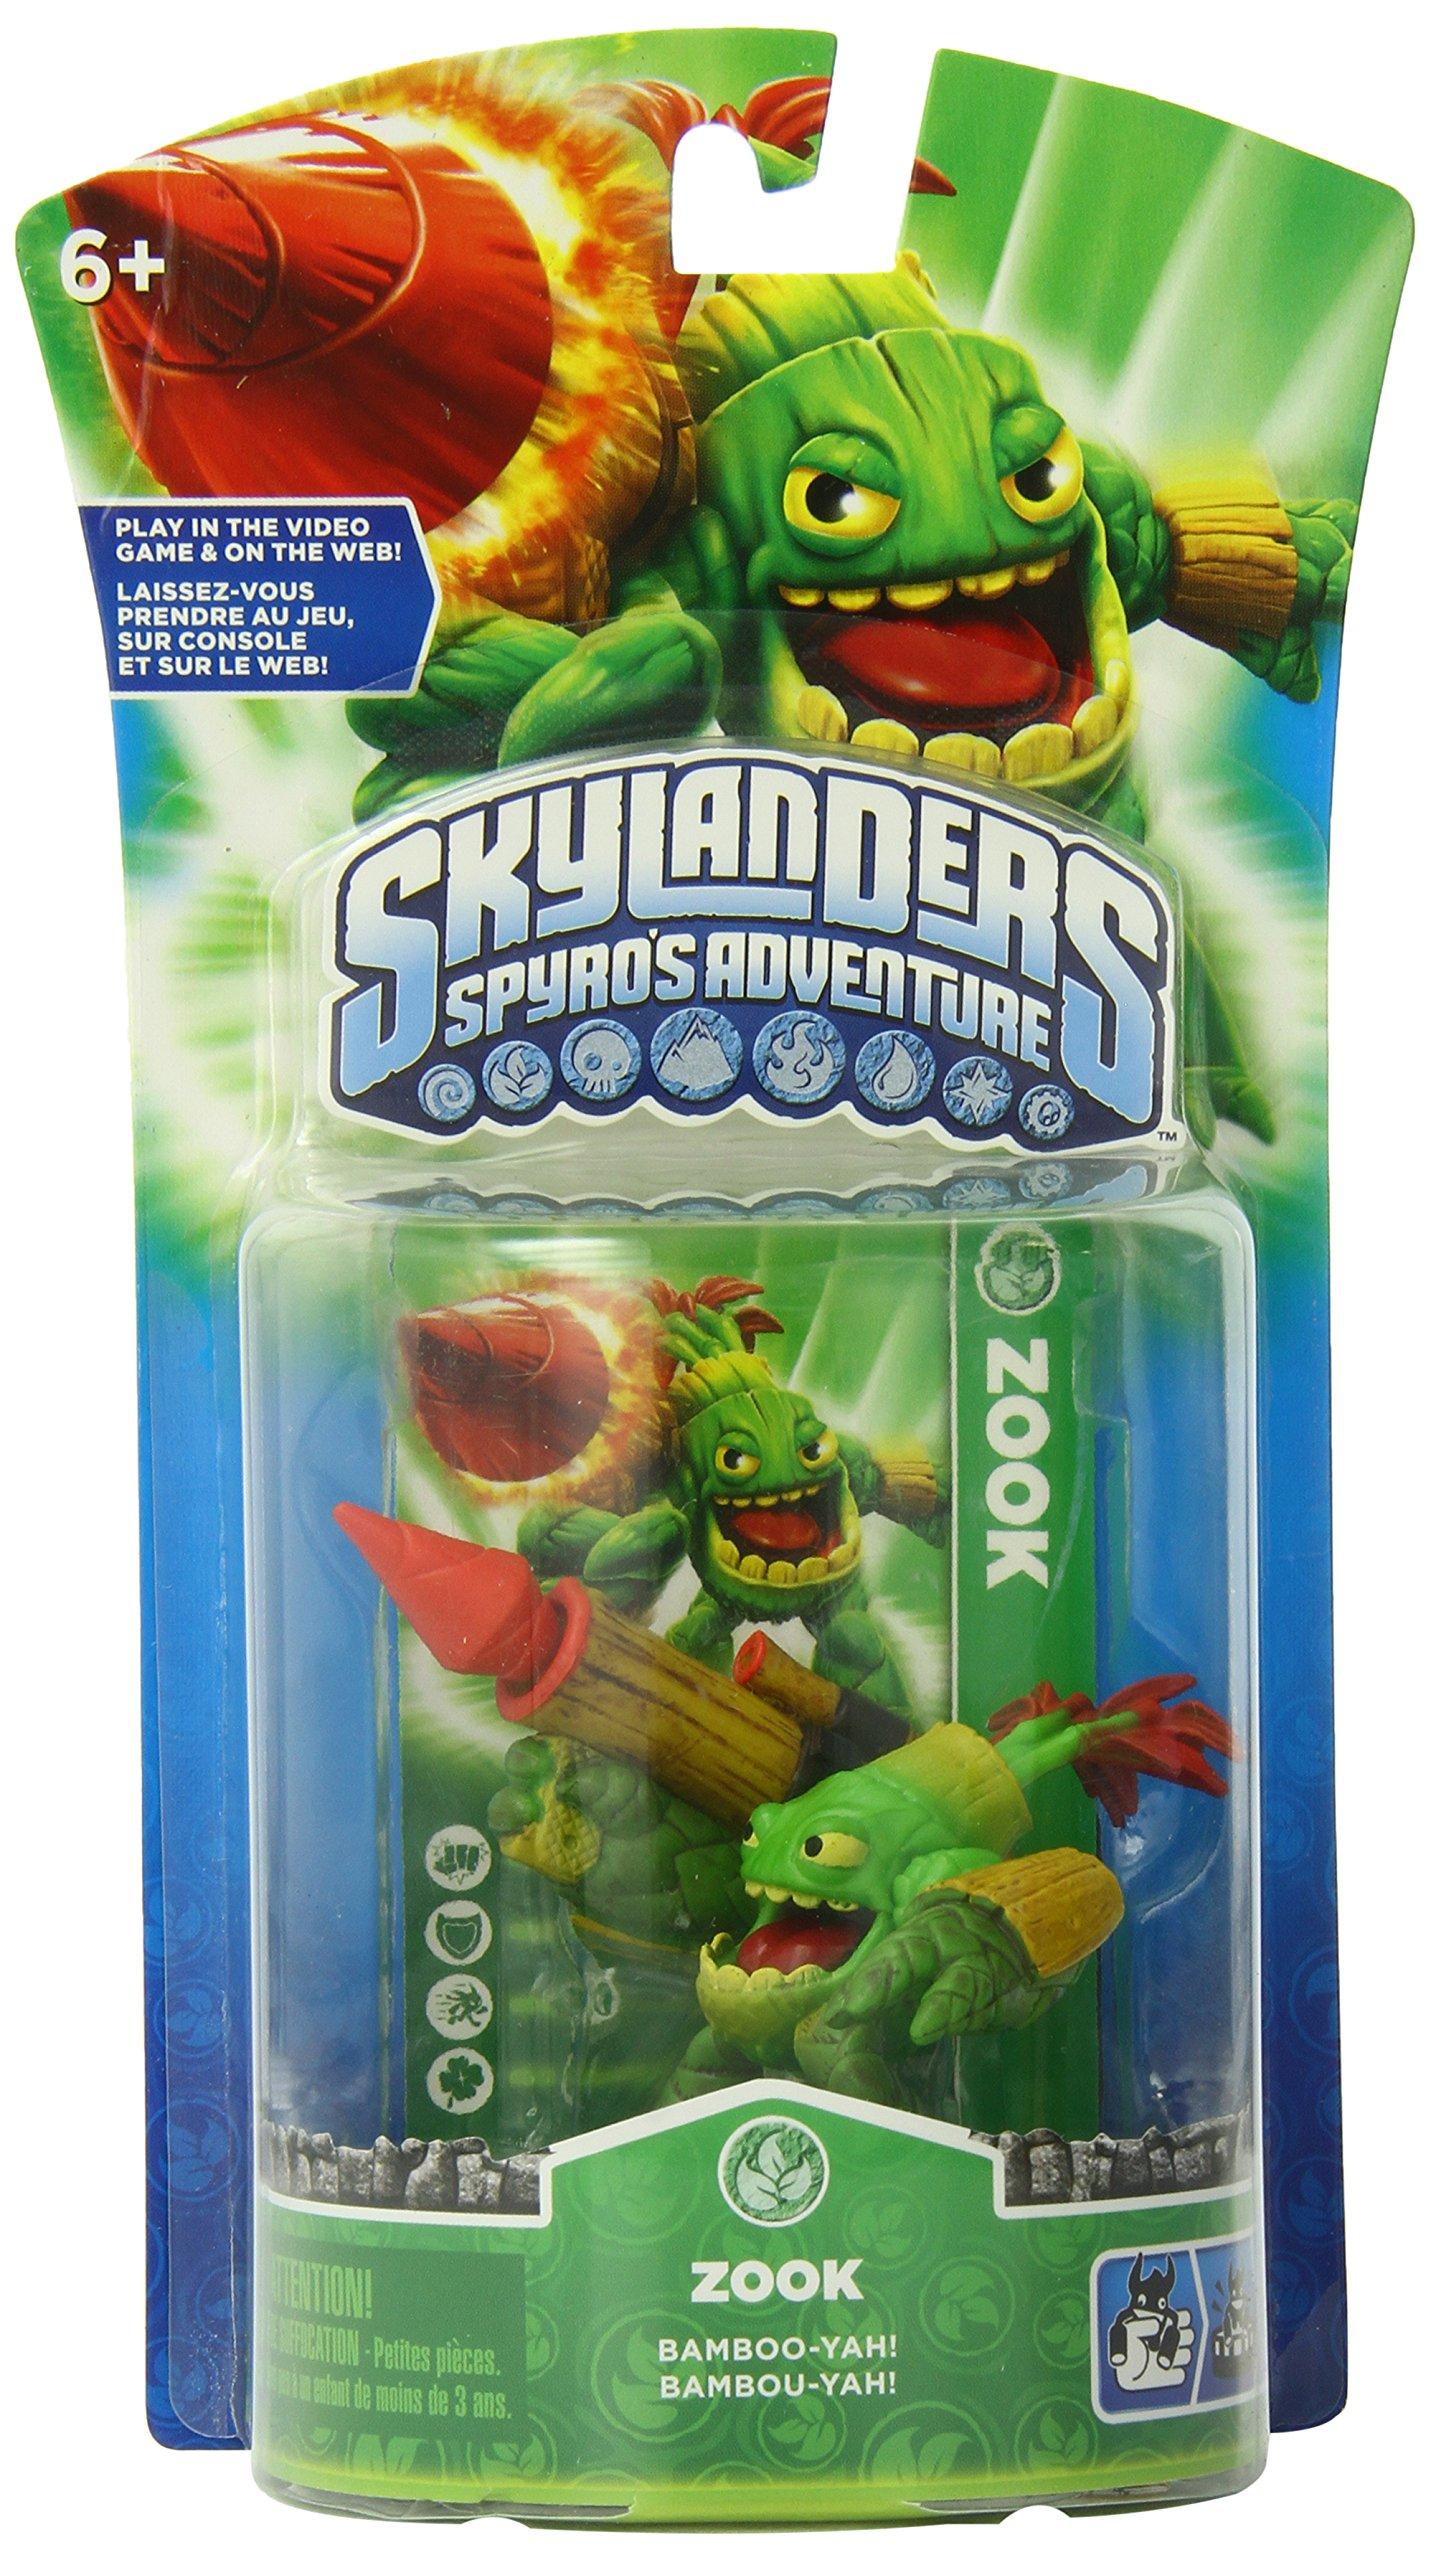 Skylanders Spyro's Adventure: Zook